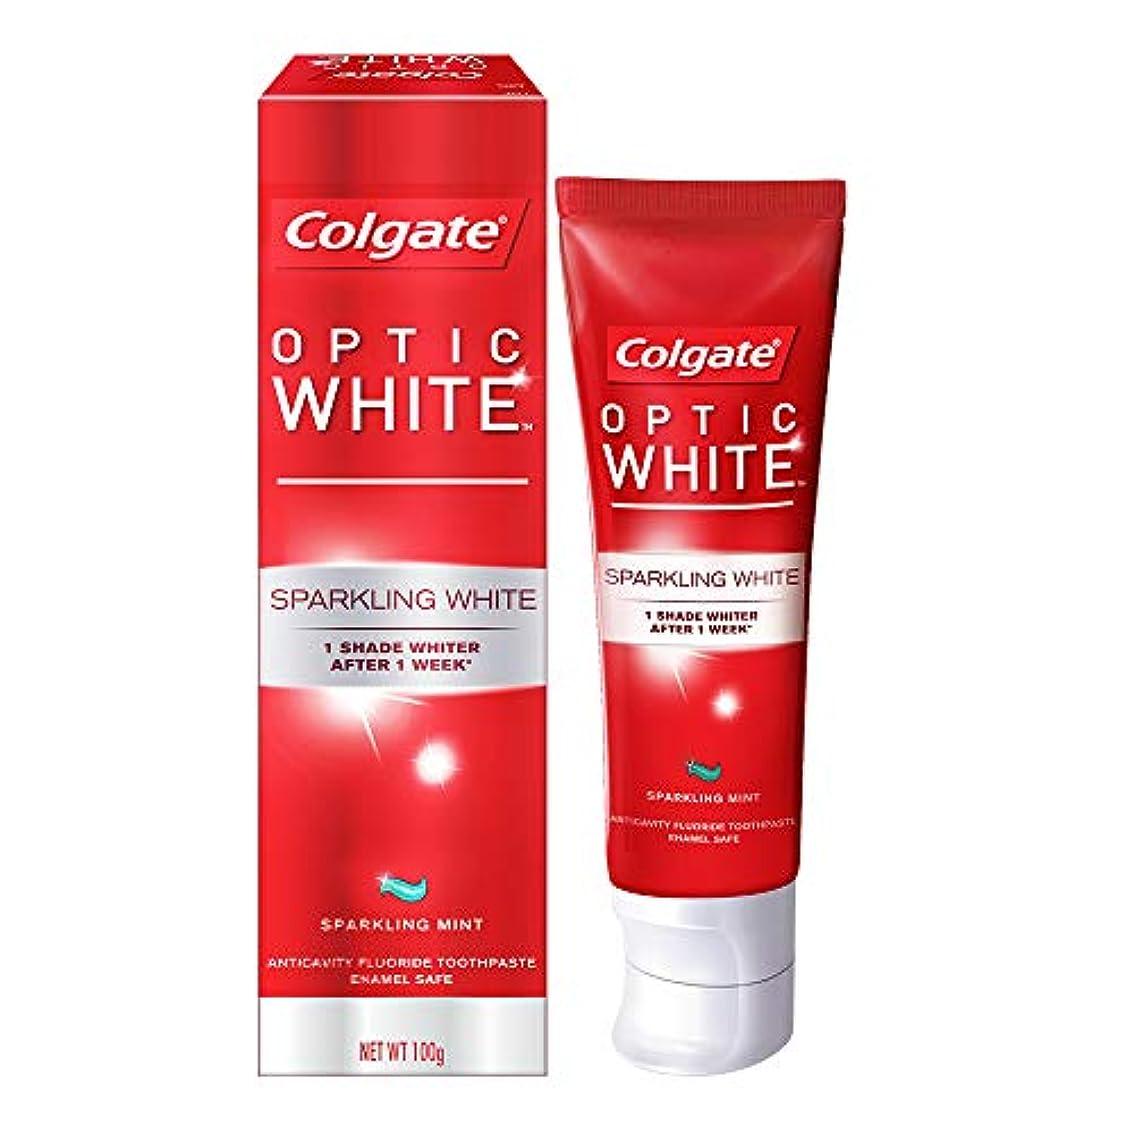 キネマティクス気質見捨てるコールゲート オプティック ホワイト スパークリングシャイン 100g 歯磨き粉 Colgate Optic White Sparkling Shine 100g Tooth Paste